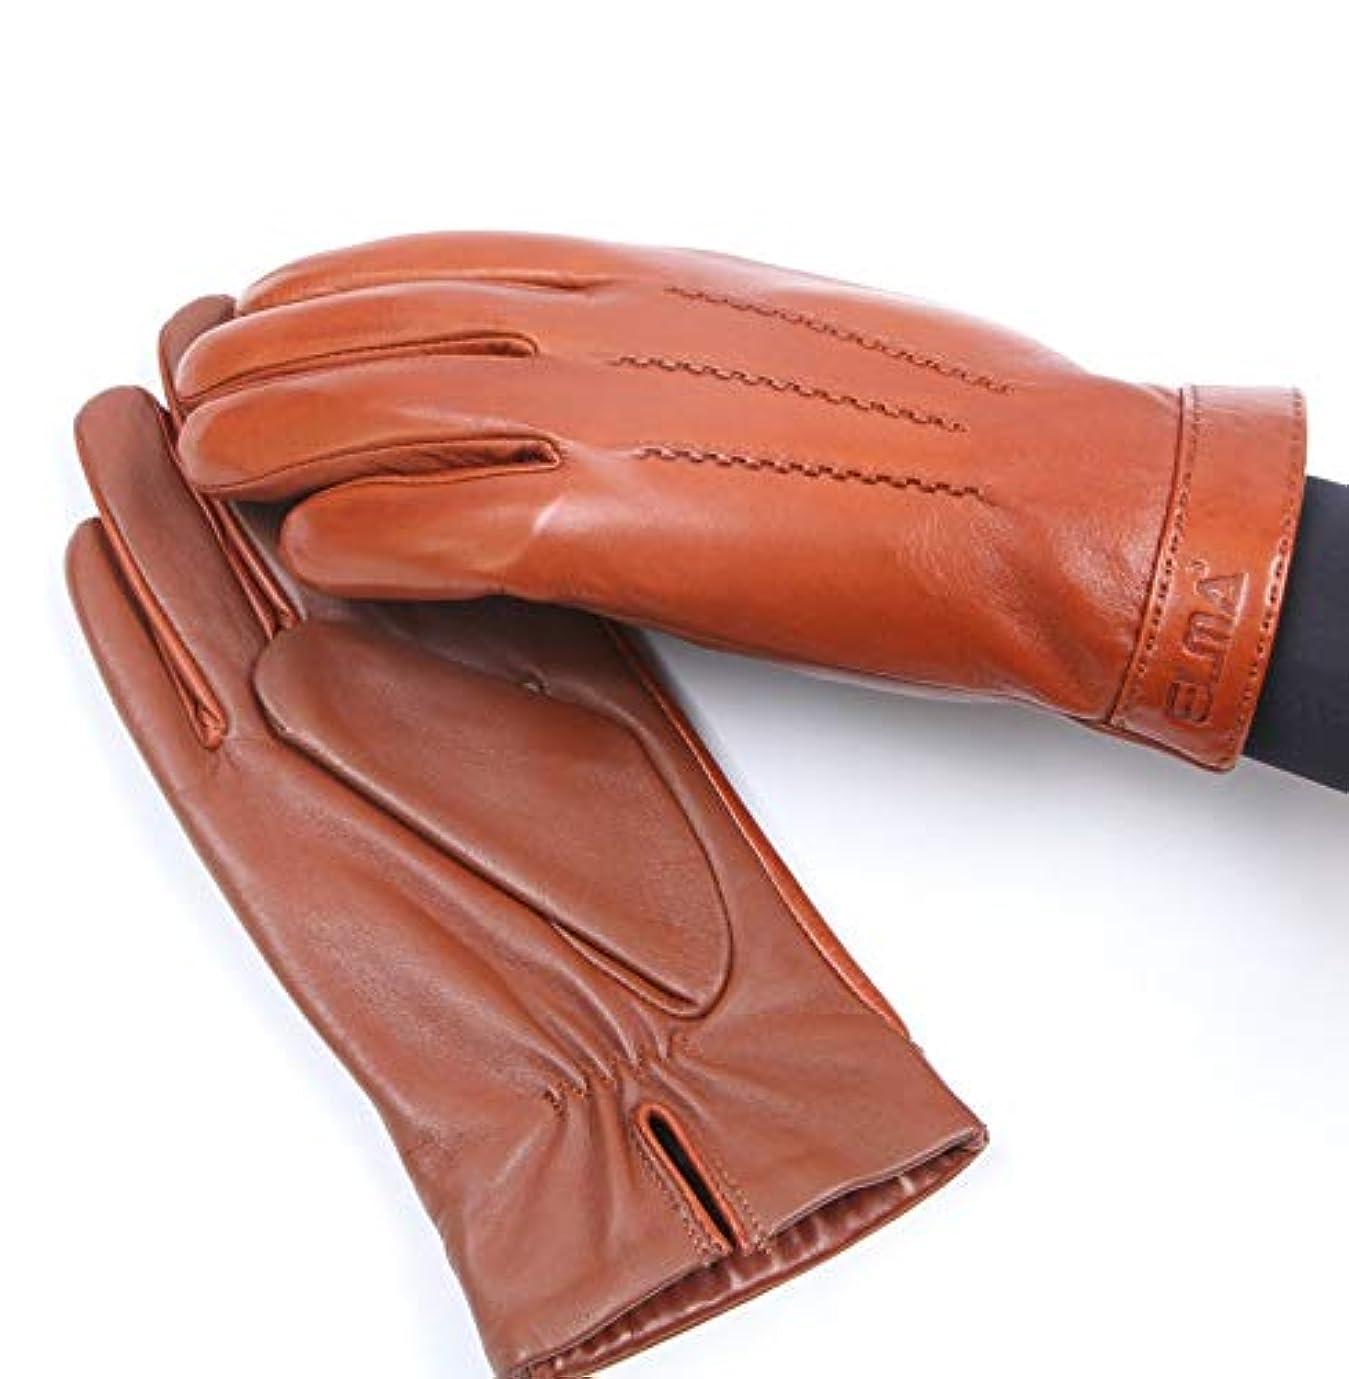 寄稿者固有の海賊BAJIMI 手袋 グローブ レディース/メンズ ハンド ケア ファッションメンズレザーグローブプラスベルベット暖かいフルタッチグローブ運転 裏起毛 おしゃれ 手触りが良い 運転 耐磨耗性 換気性